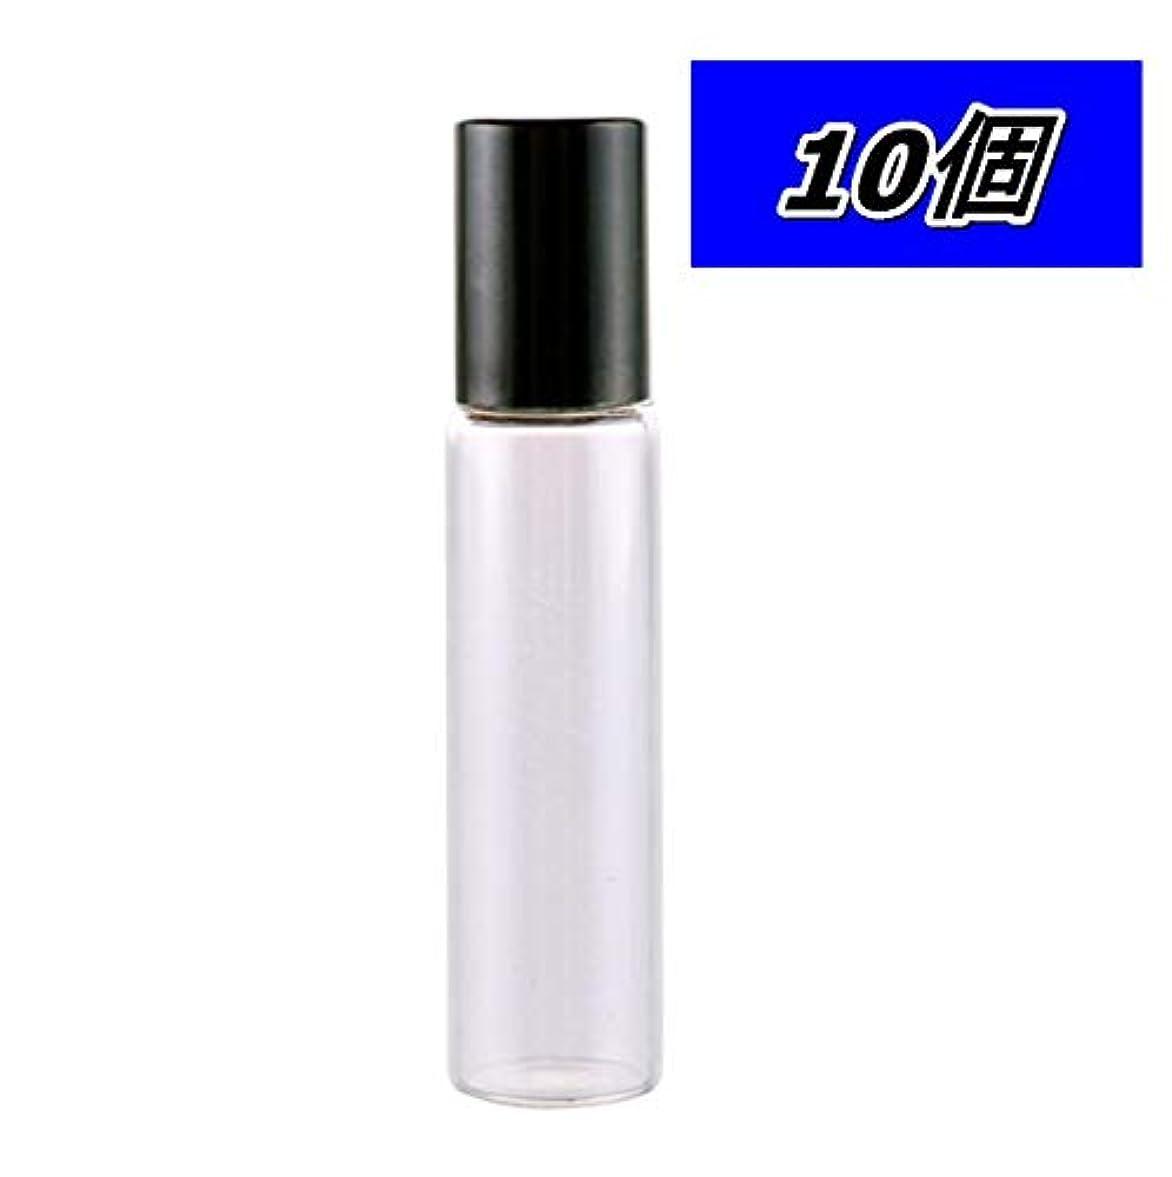 意志湿地パーチナシティ[SP] ロールオンボトル 容器 アロマ ボトル ガラス 瓶 透明 クリア 香水 小分け 持ち運び 10ml 10本 セット